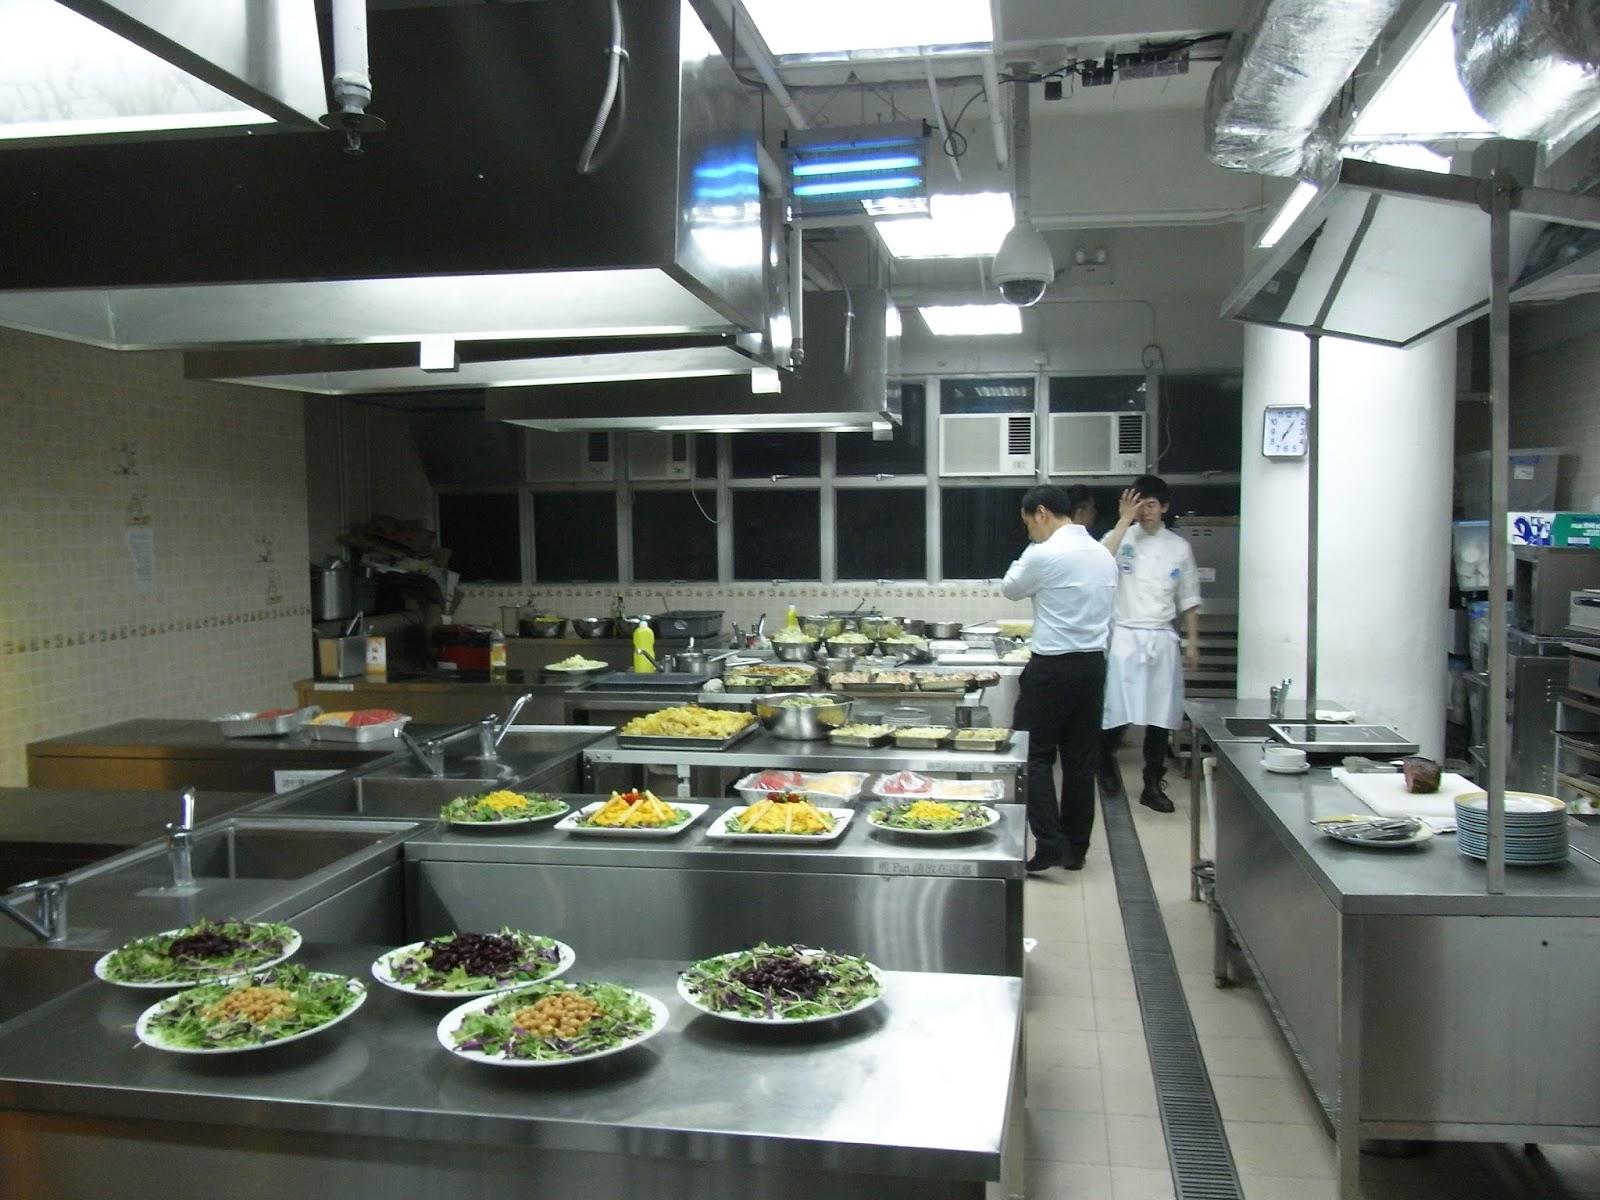 Blog culinario rd factores de riesgo de intoxicaciones en for Cocinas y equipos